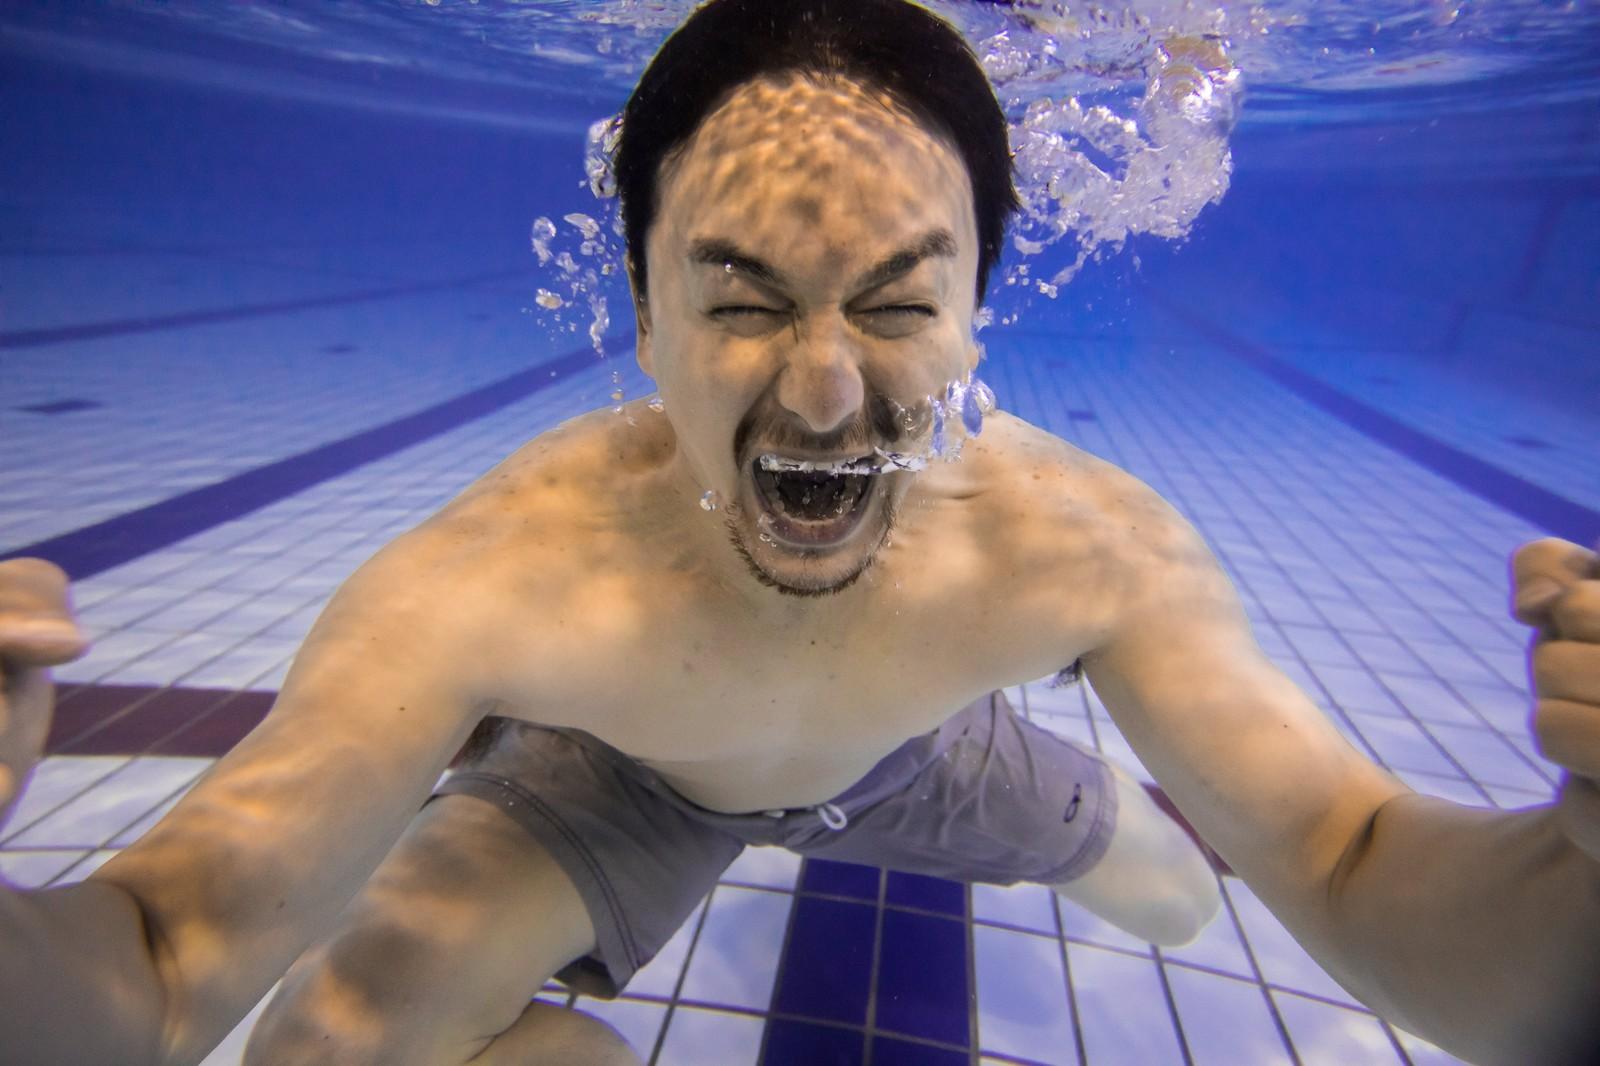 33歳まで泳げなかったパパが子供に教えた泳ぎ方まとめ…水に顔をつける恐怖心を取り除けばすぐ泳げます